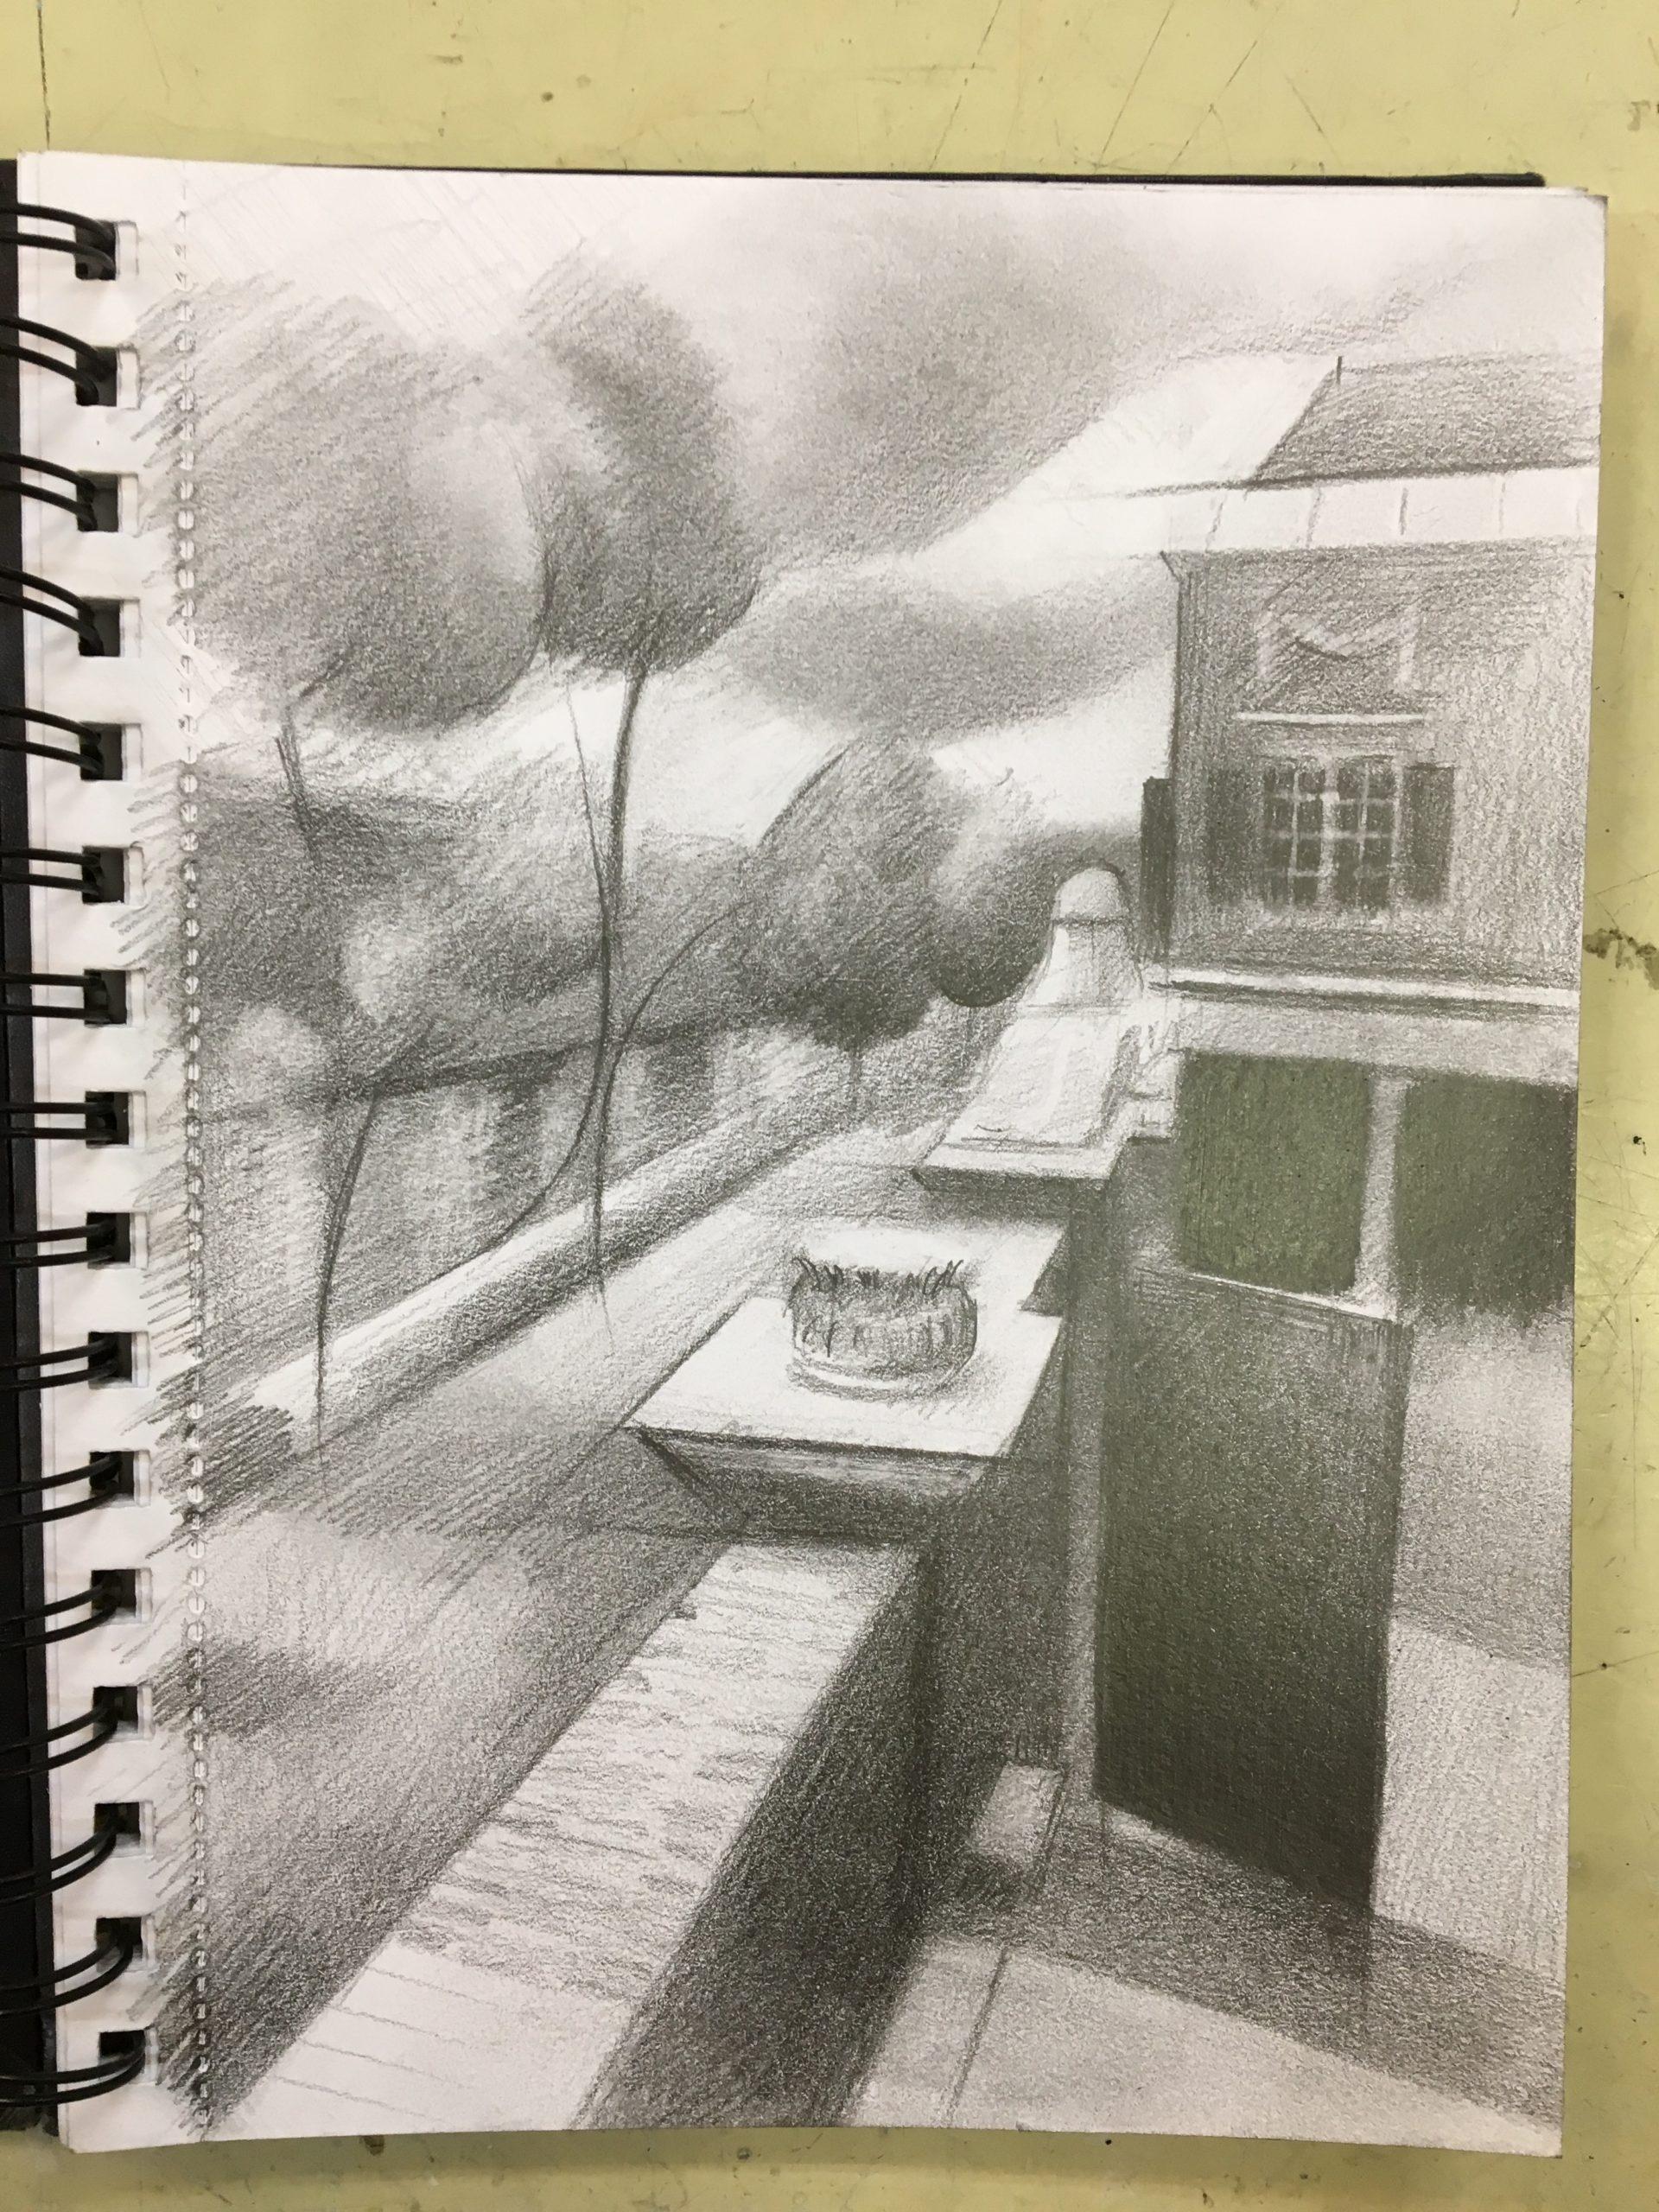 work in progress on De Lakenhal - 16-08-19